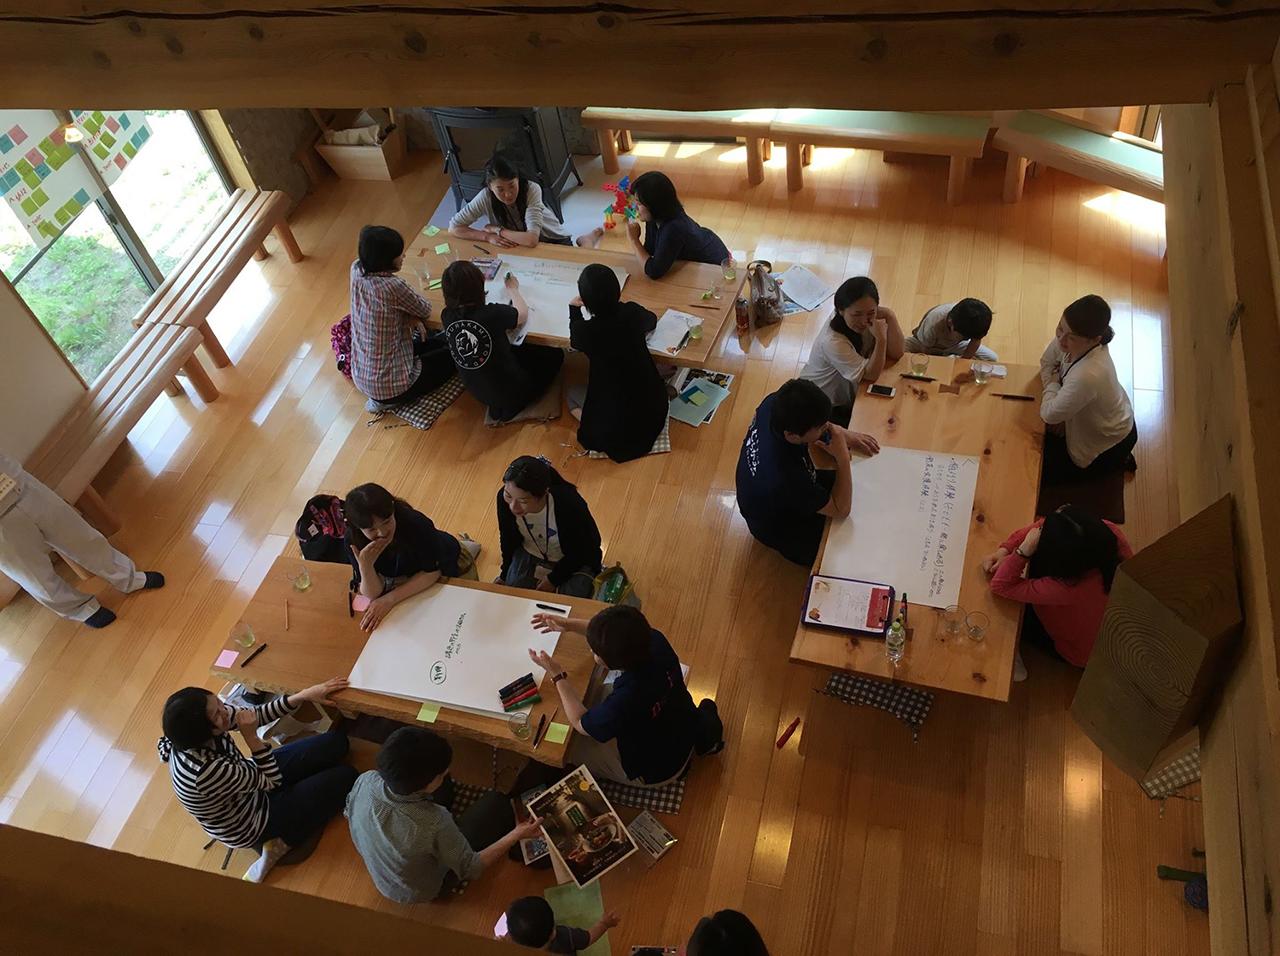 気軽に話し合える場にとカフェを運営。さまざまな人が出入りする=2017年7月、新潟県村上市(都岐沙羅パートナーズセンター提供)